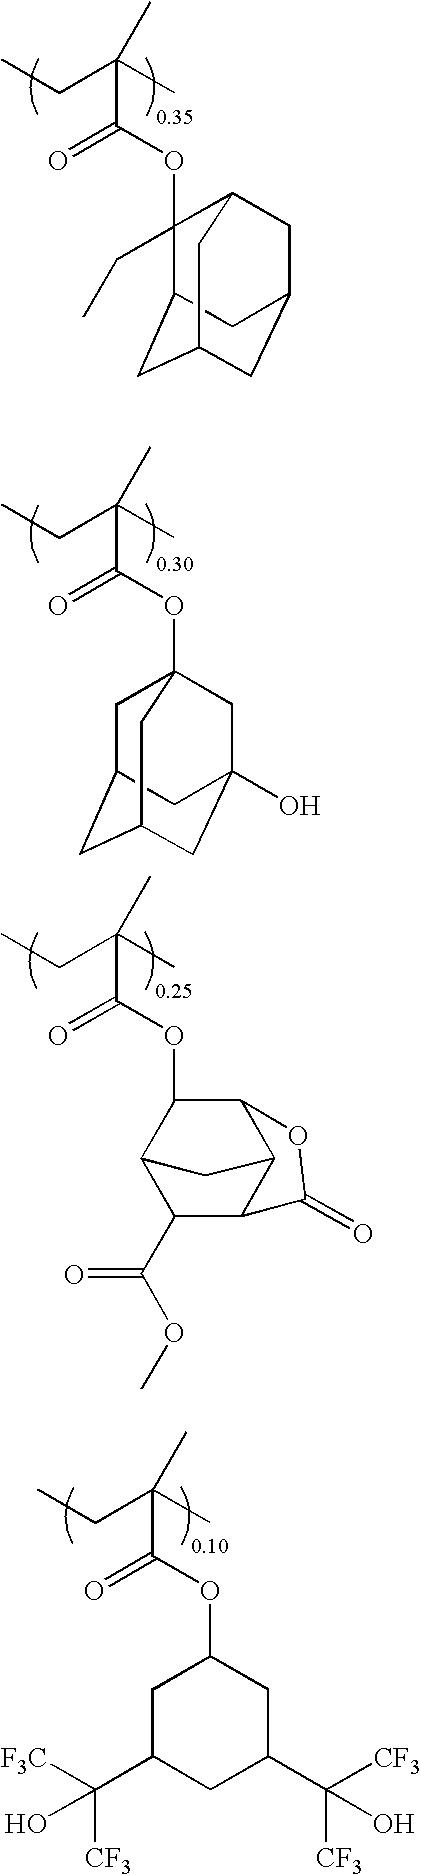 Figure US07368218-20080506-C00060